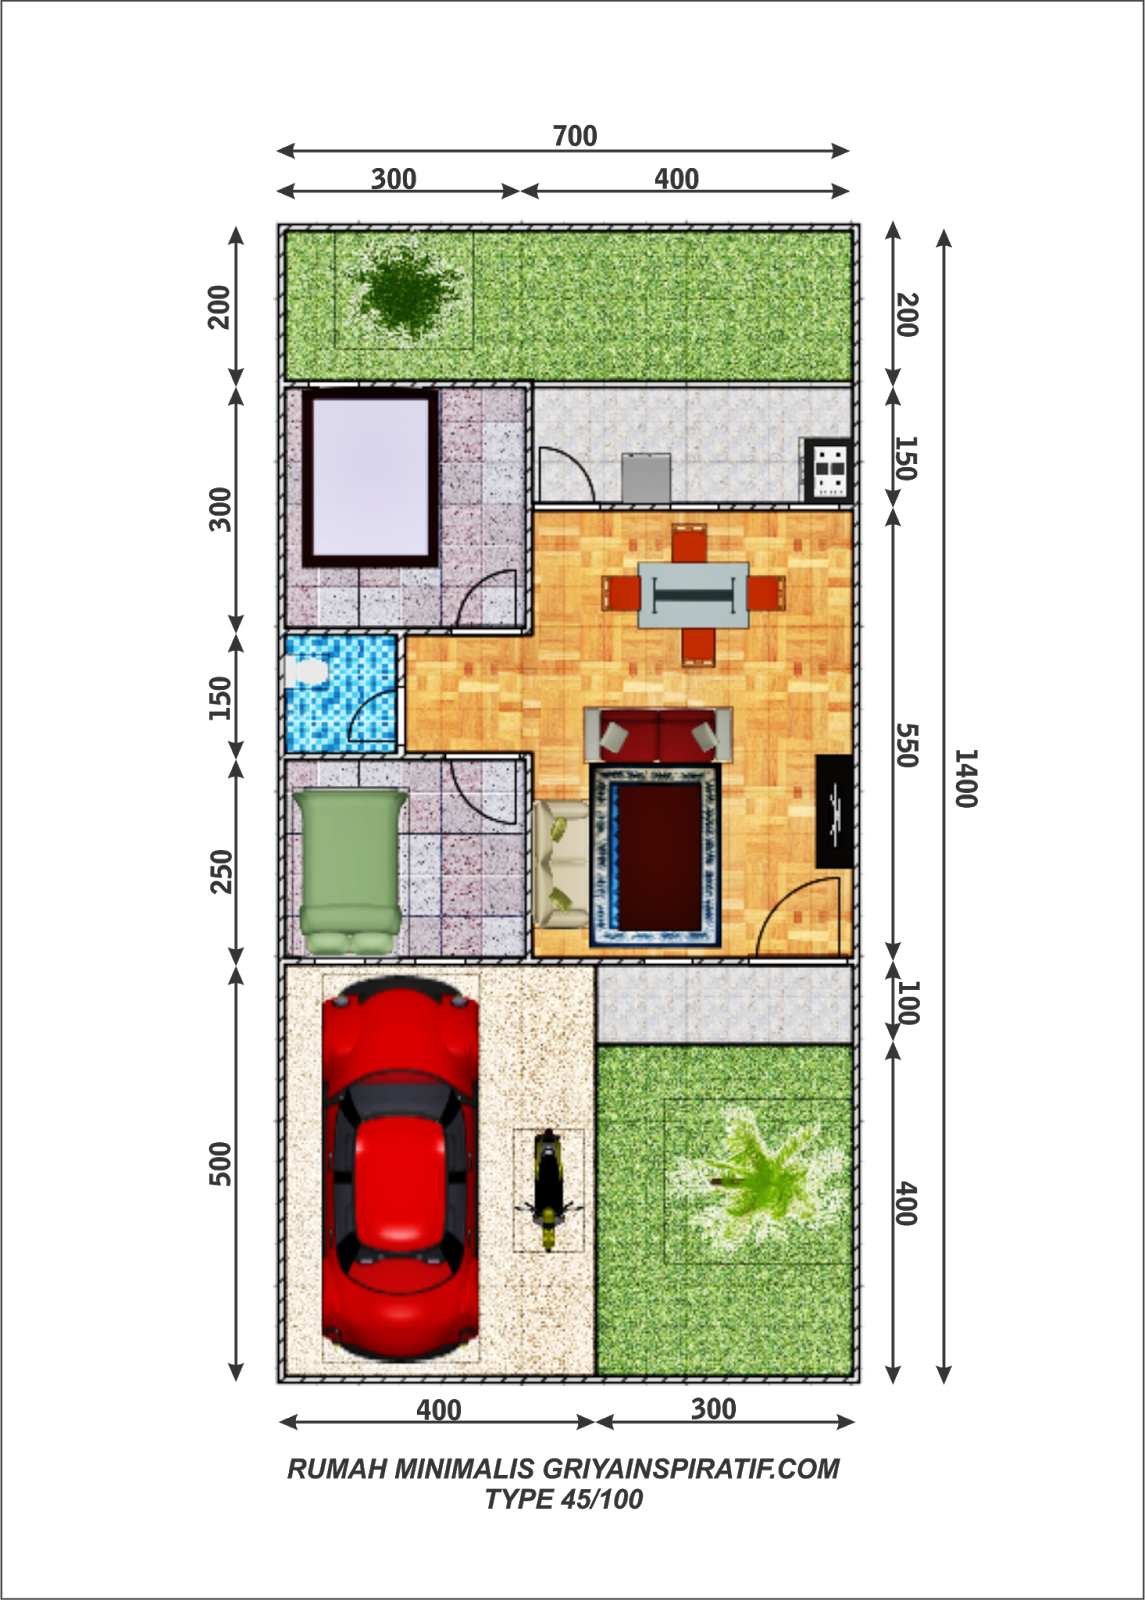 Gambar Desain Rumah Minimalis Type 45 100 Terbaru Desain Rumah